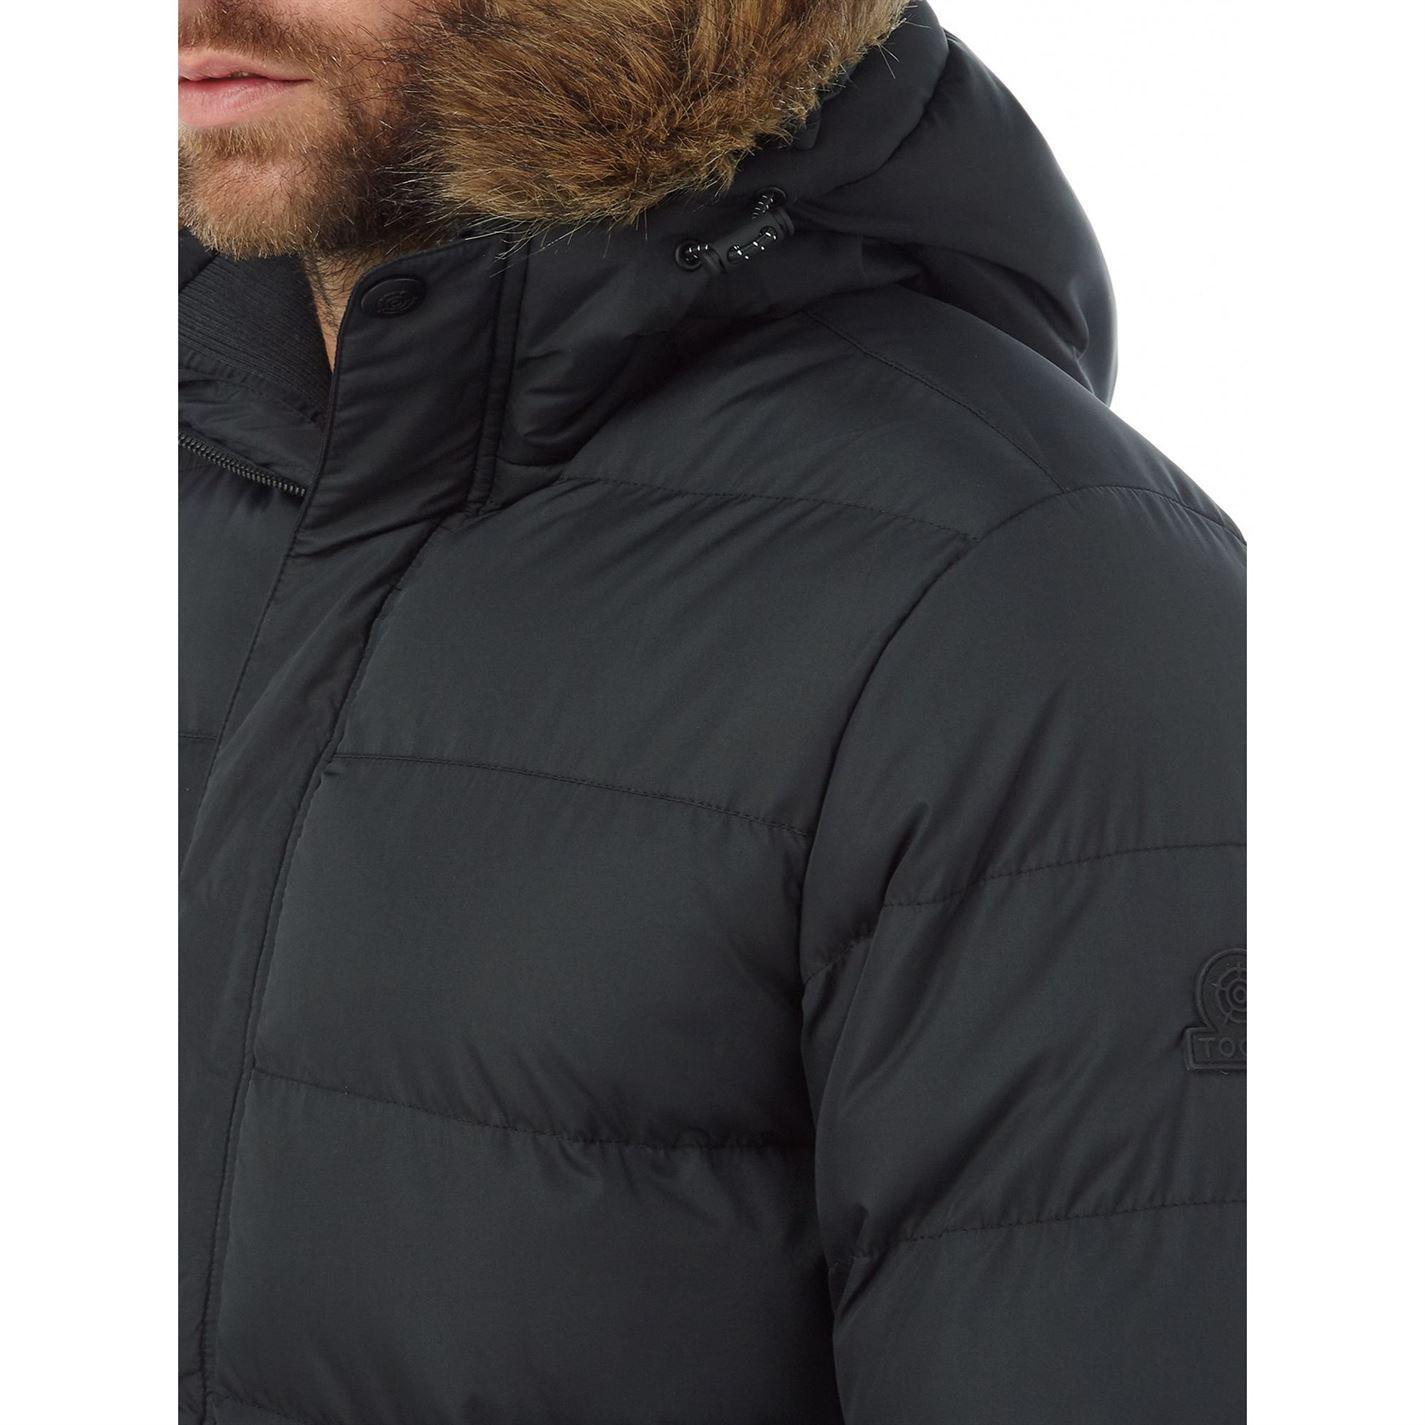 Tog 24 Fleece Worth Tcz Thermal Jacket in Black for Men